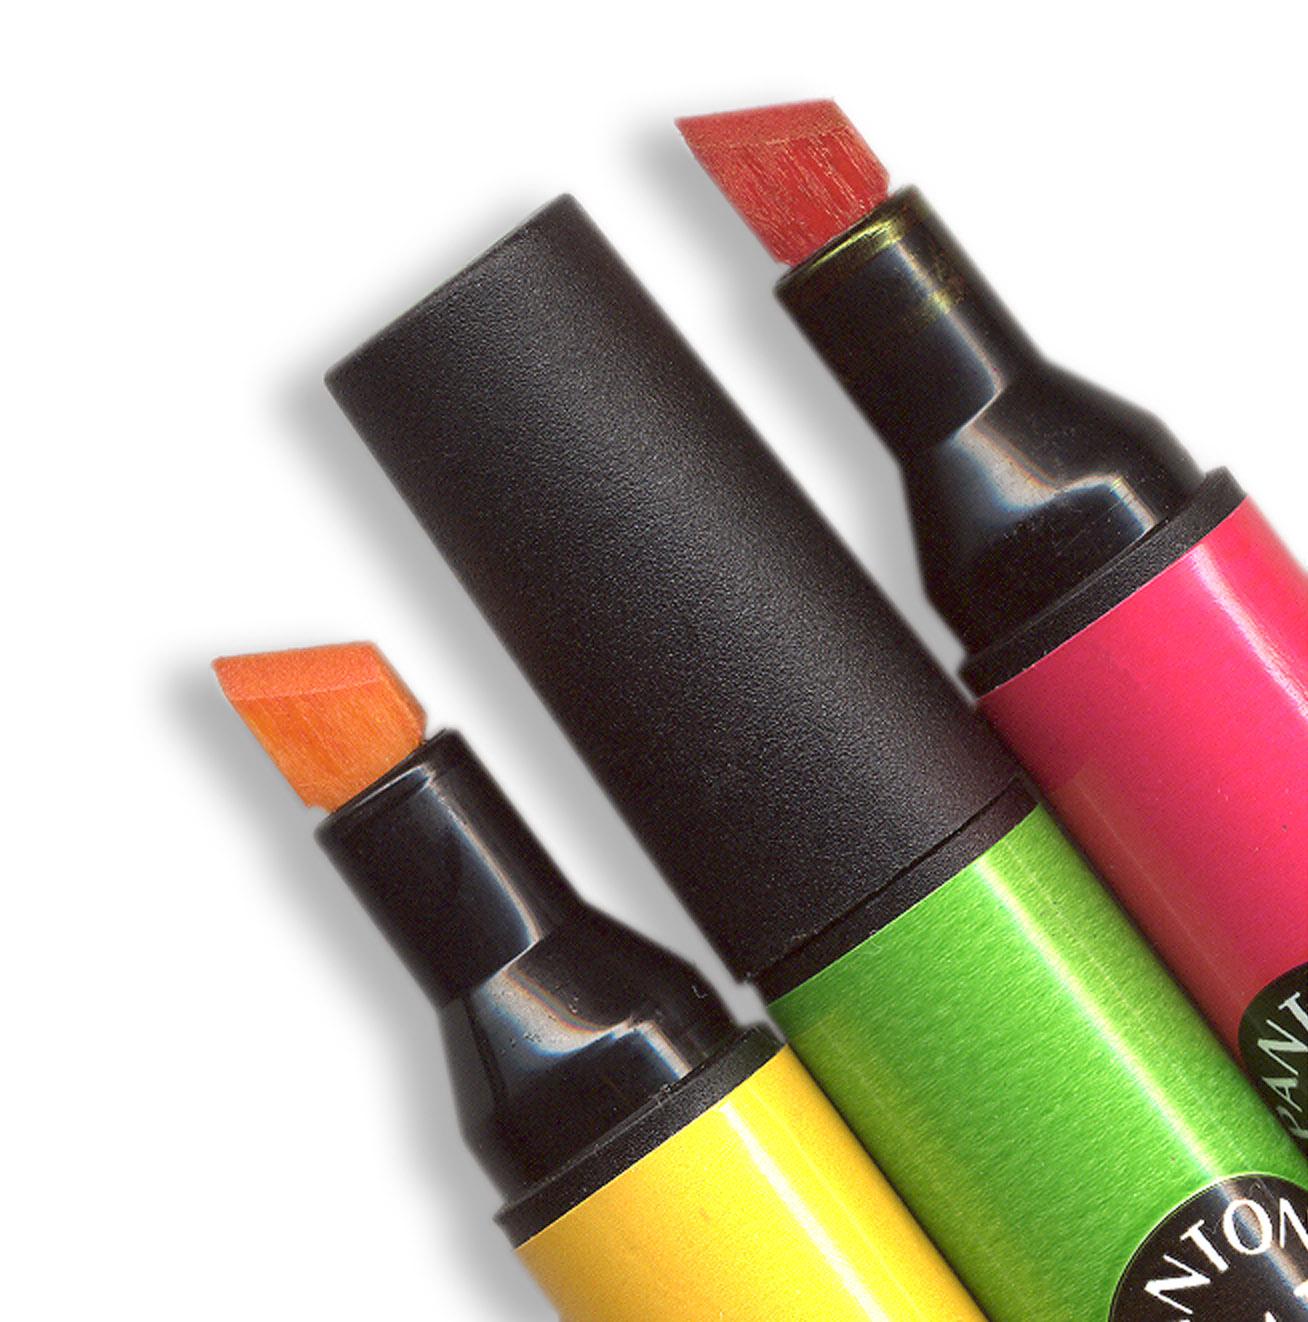 Kolorowe flamastry, czyli niewidzialne informacje prasowe